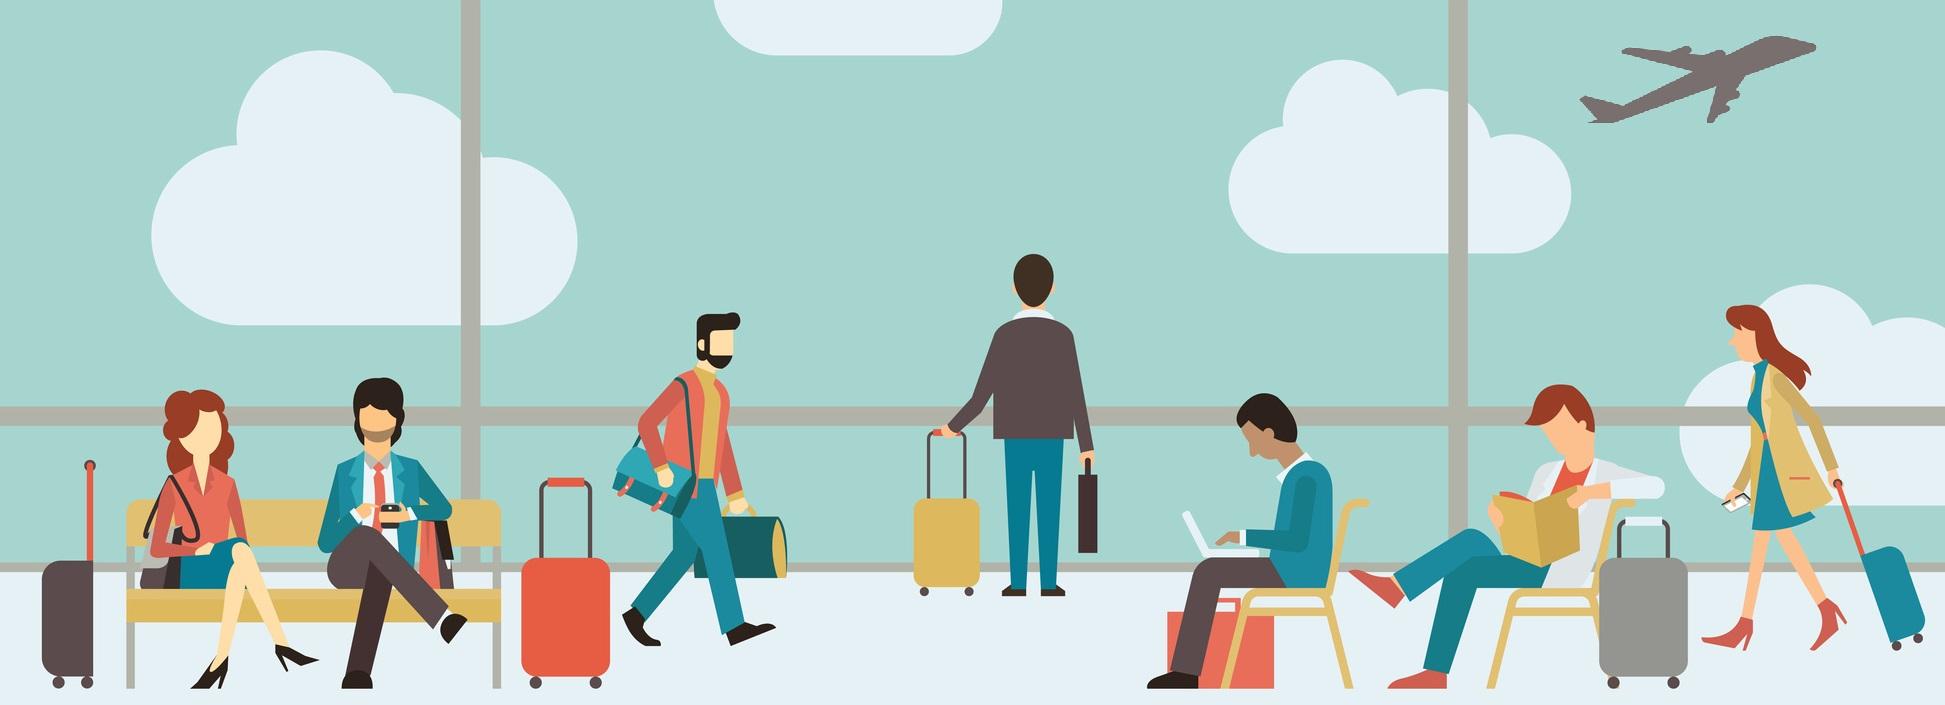 visa express documents services d 39 obtention de visas d 39 affaires et de tourisme russia china. Black Bedroom Furniture Sets. Home Design Ideas